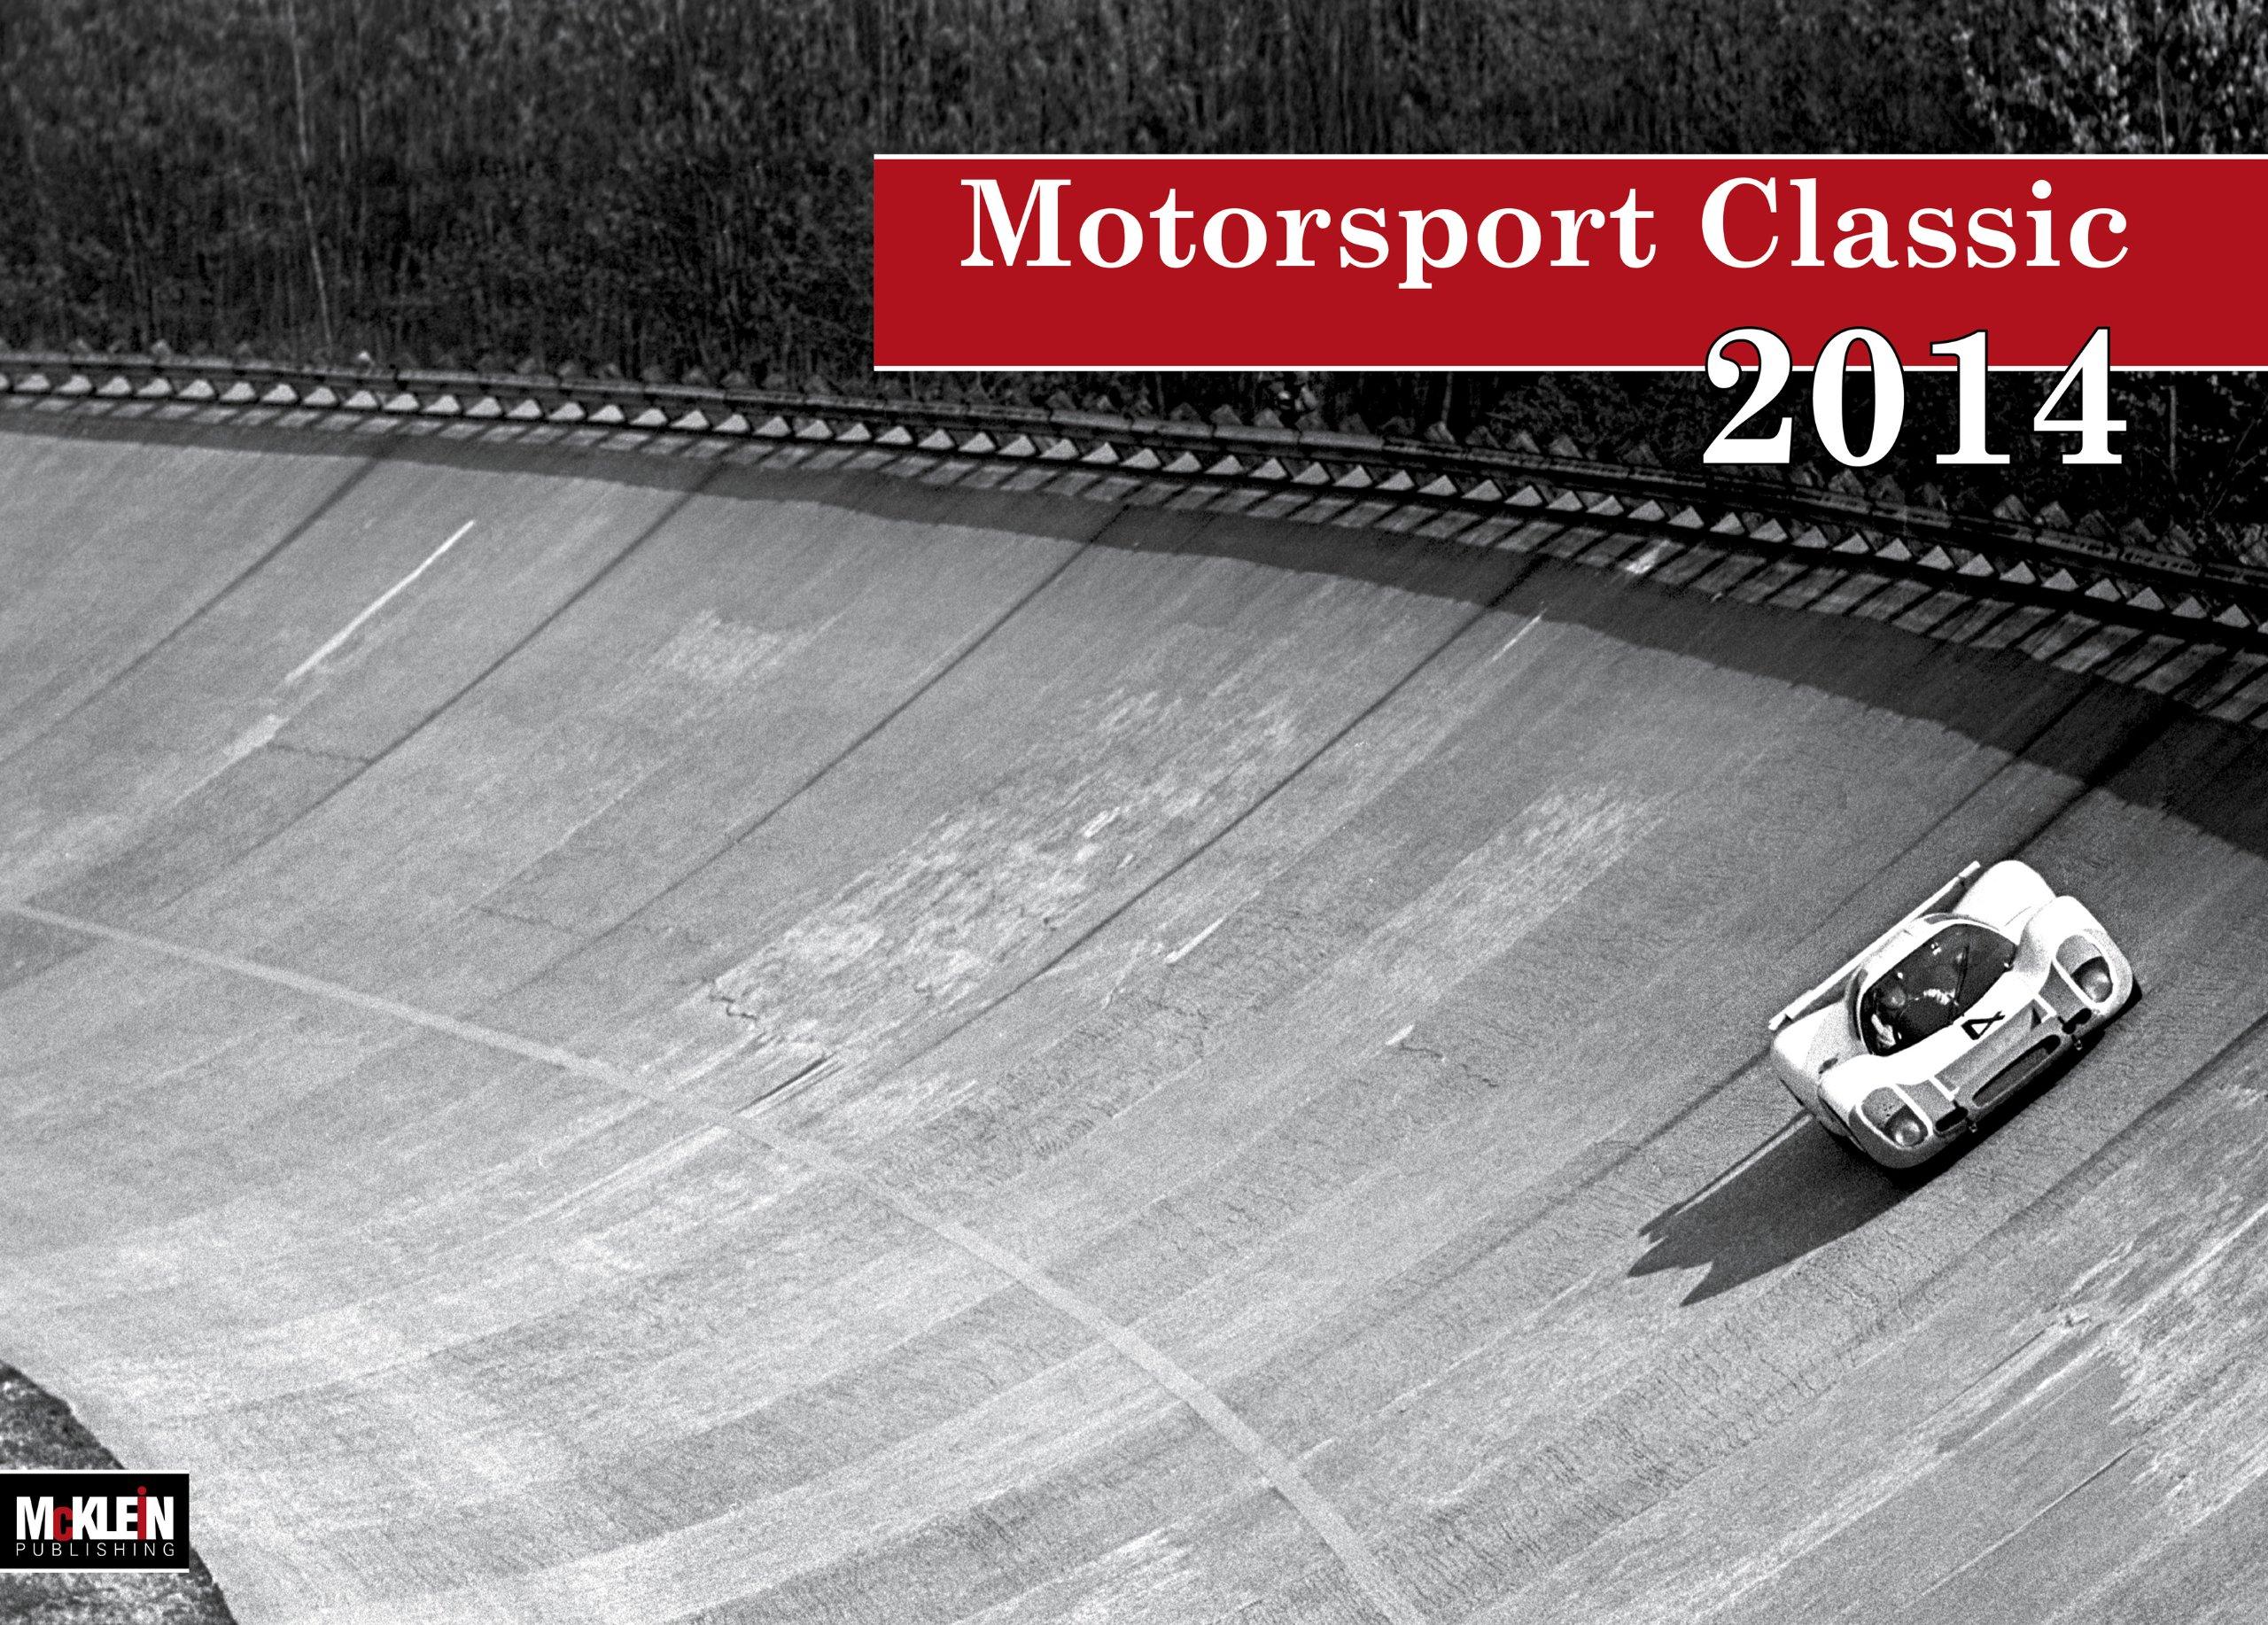 Motorsport Classic 2014